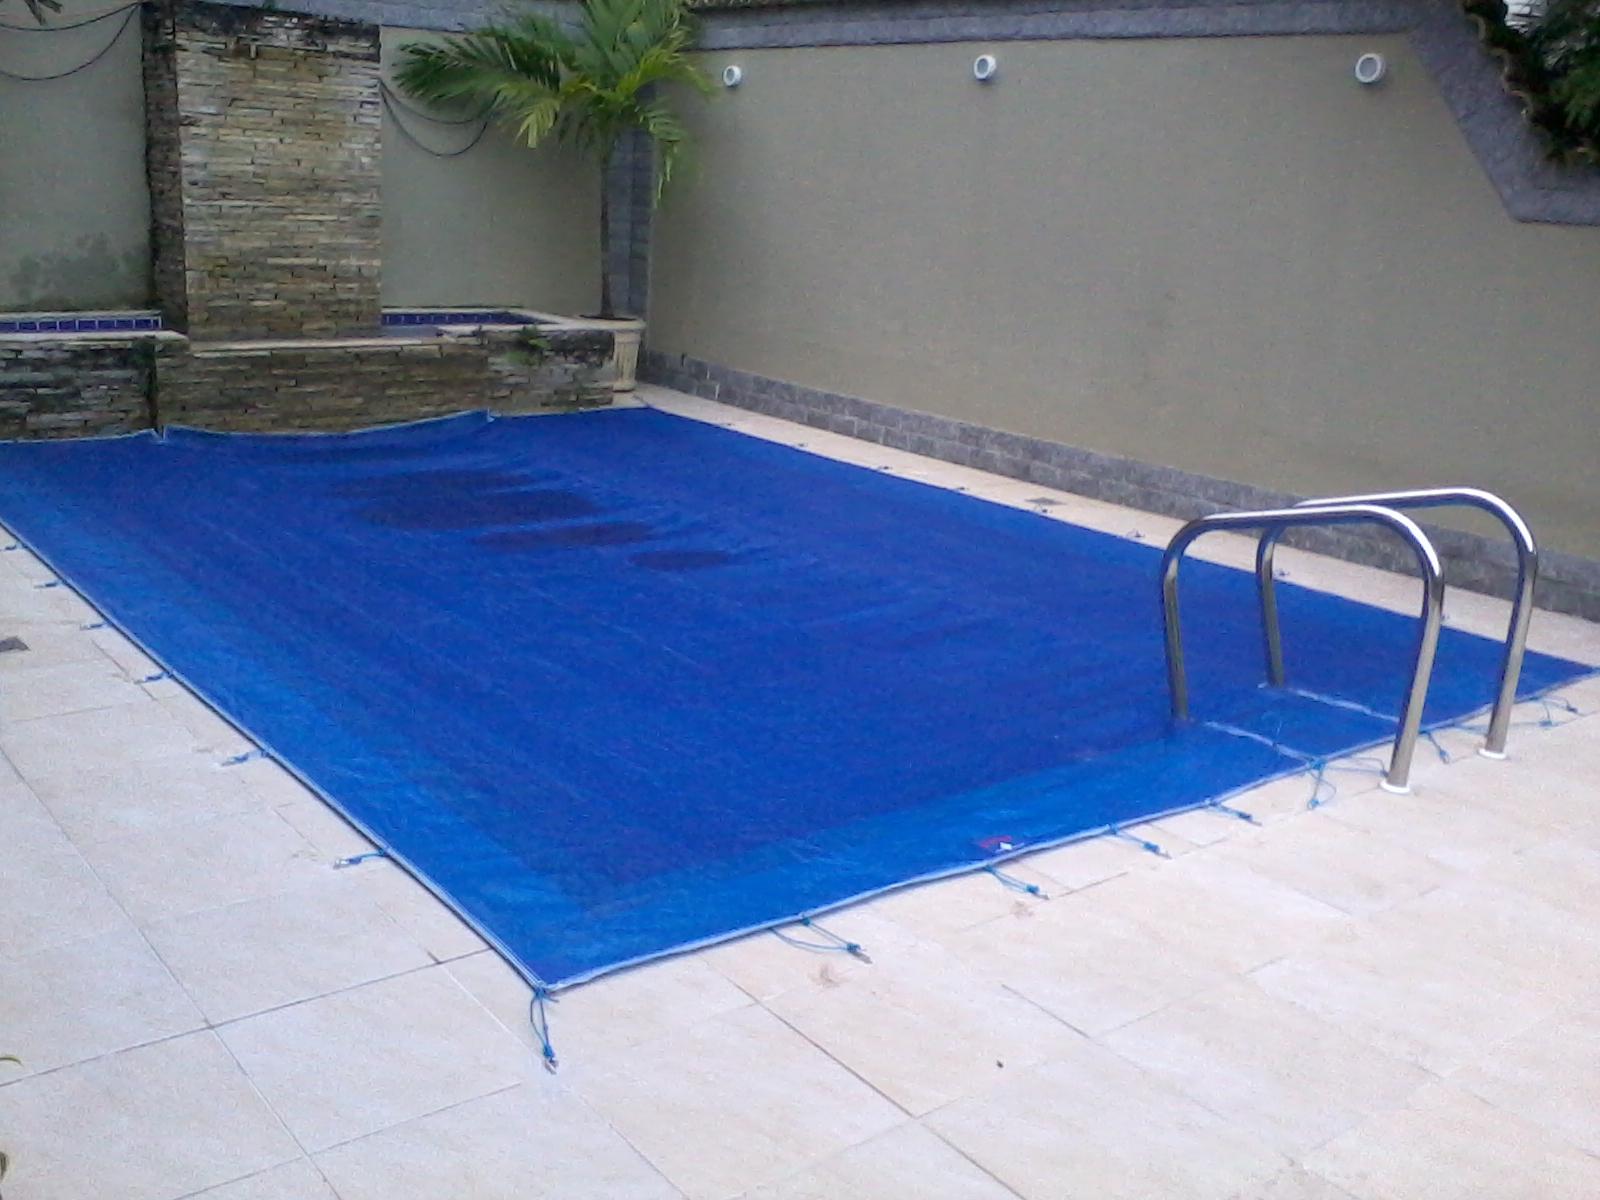 Capas para piscinas no rj prote o para piscinas for Piscinas p 29 villalba